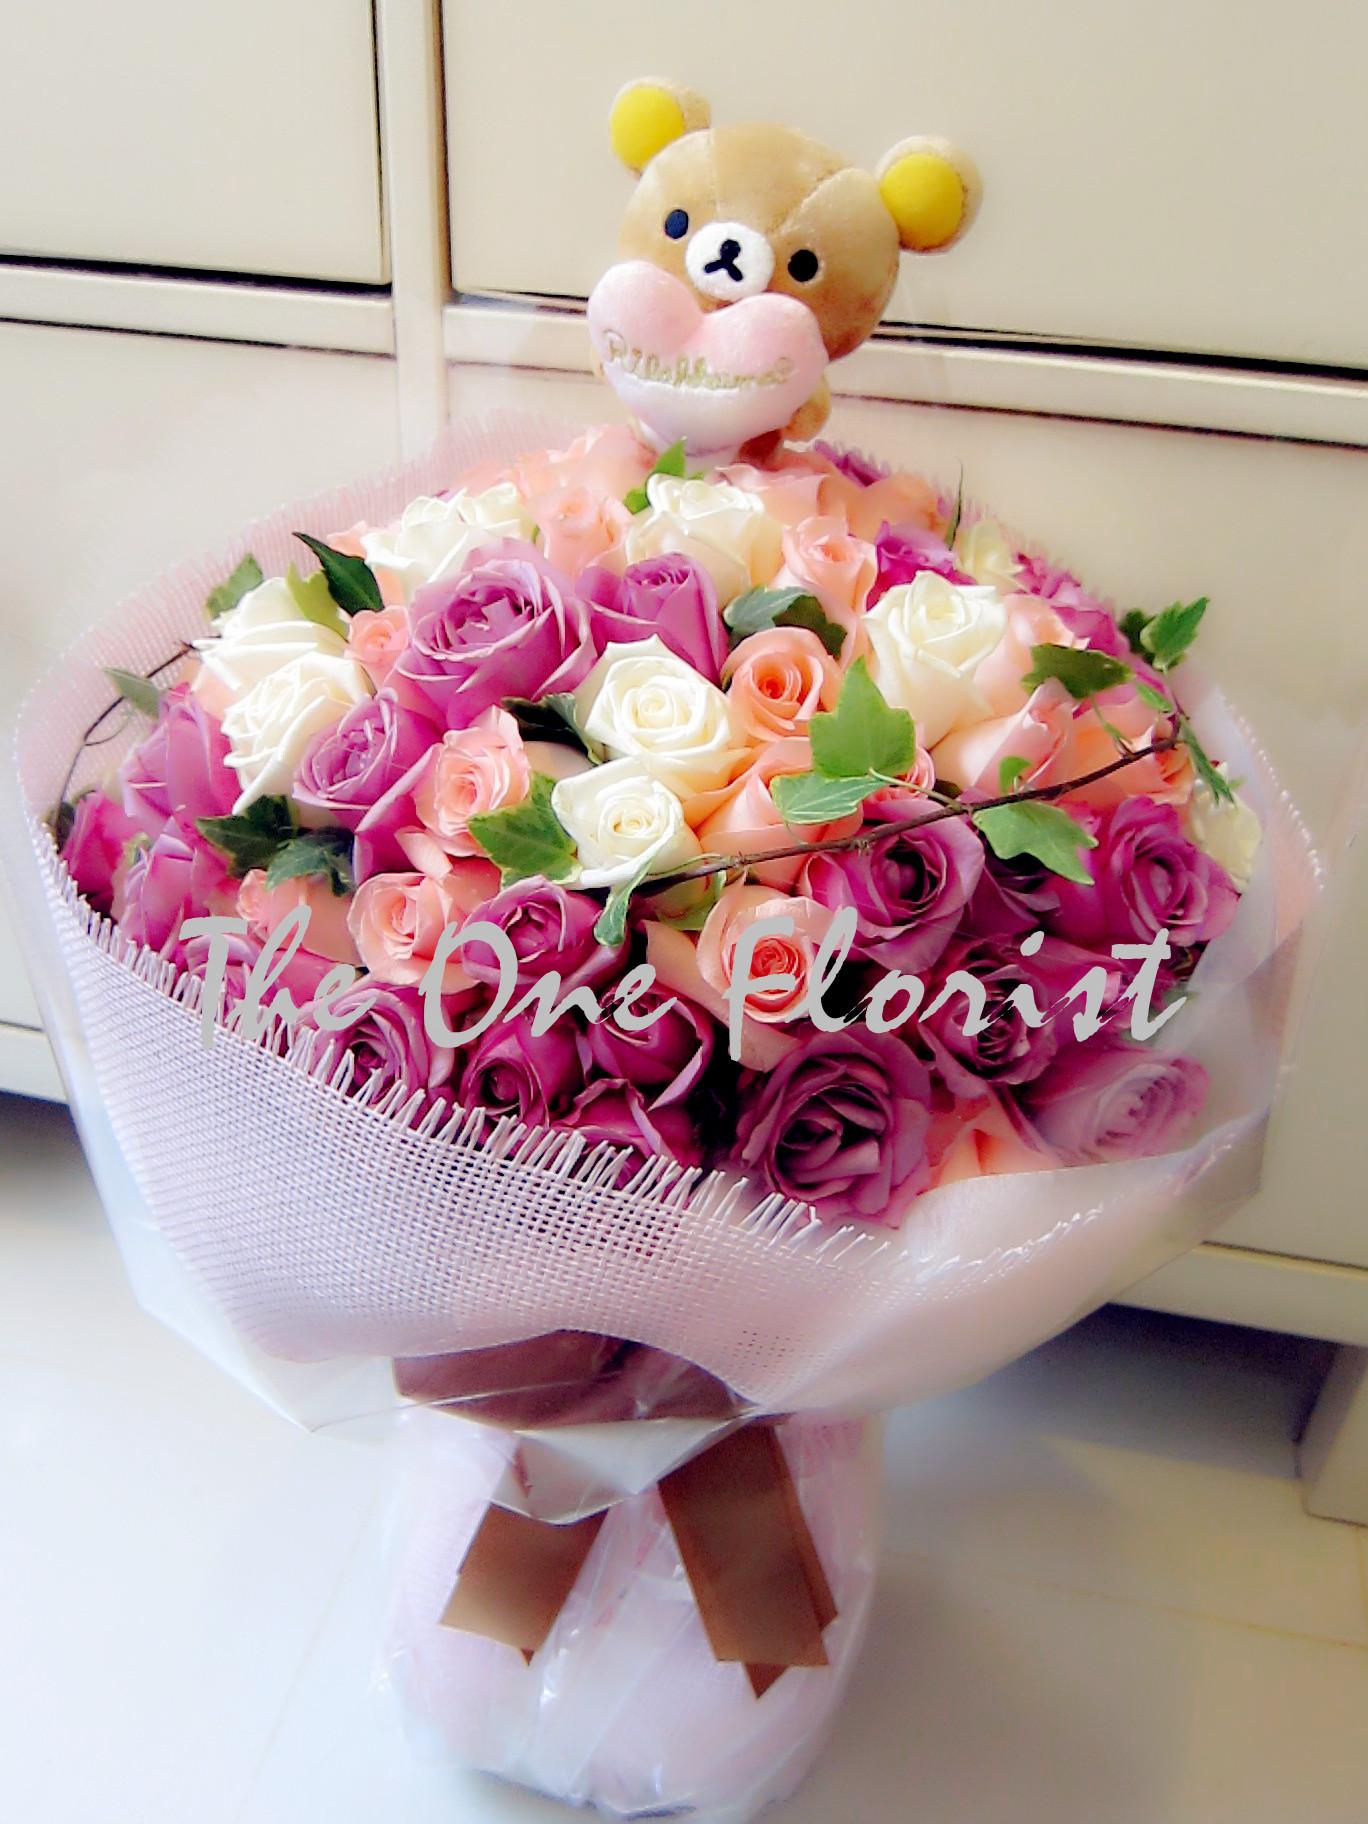 99枝玫瑰花束 網上花店 (BQ-14)